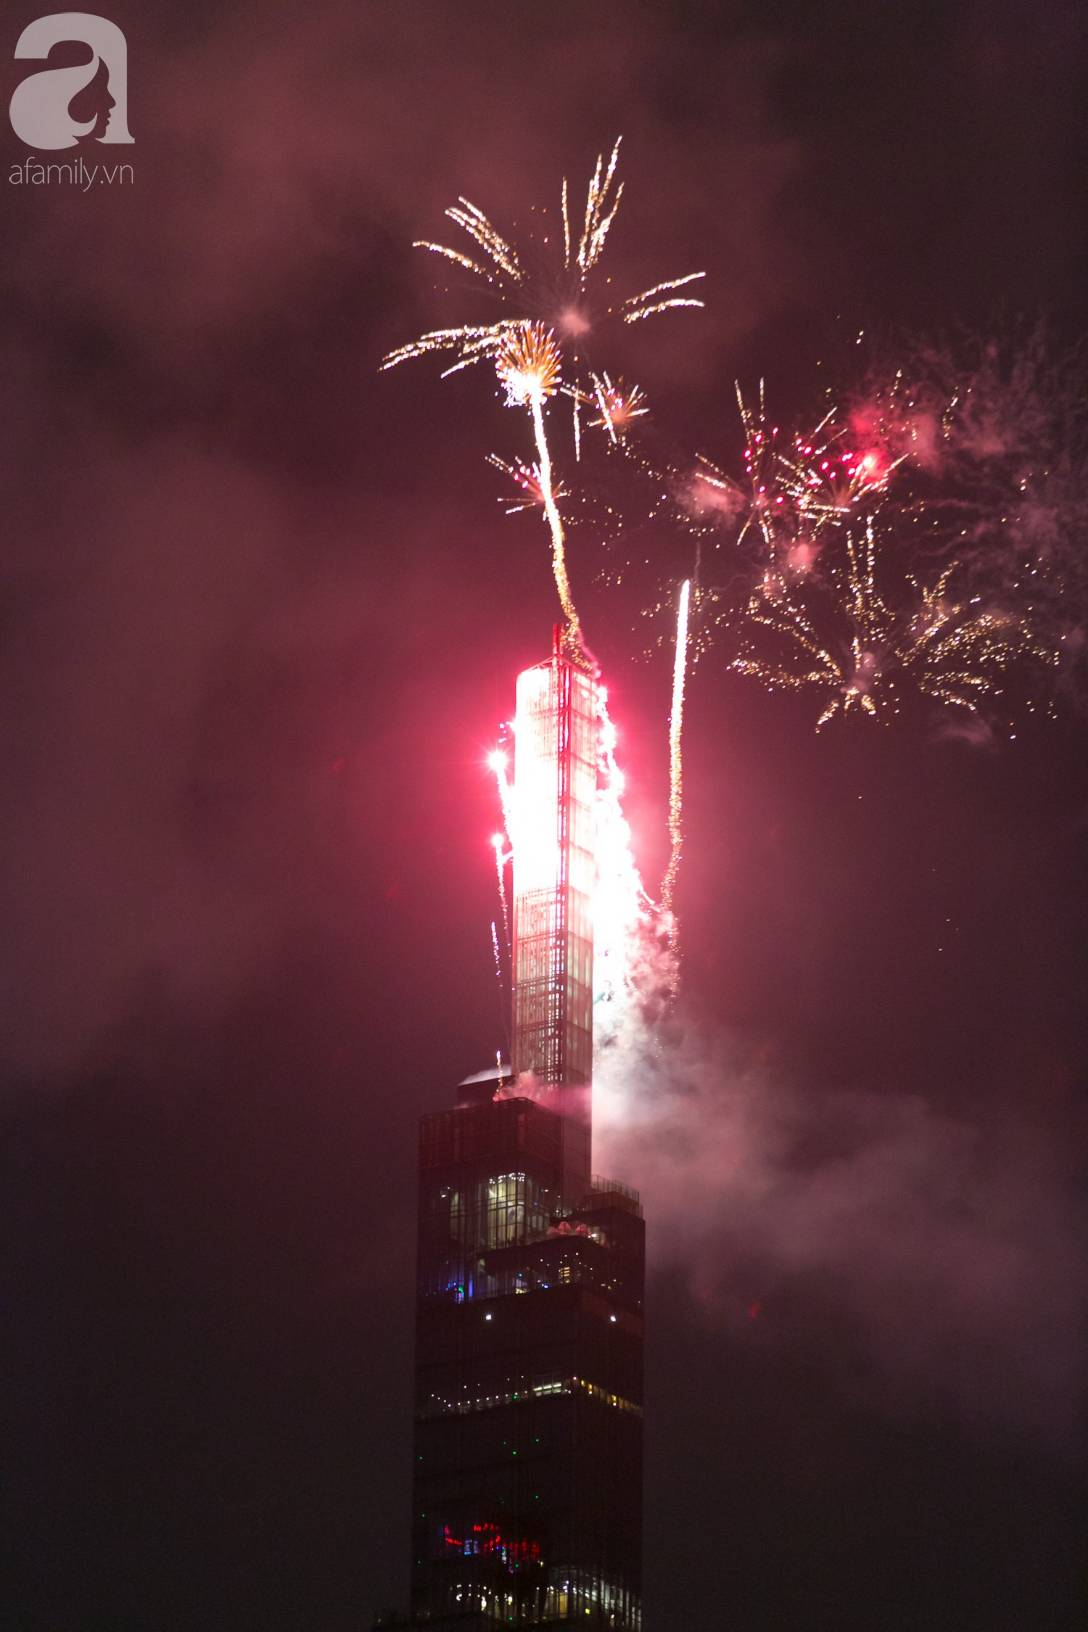 Khoảnh khắc bầu trời Sài Gòn rực sáng trong màn trình diễn pháo hoa tuyệt đẹp mừng lễ Quốc khánh 2/9-4